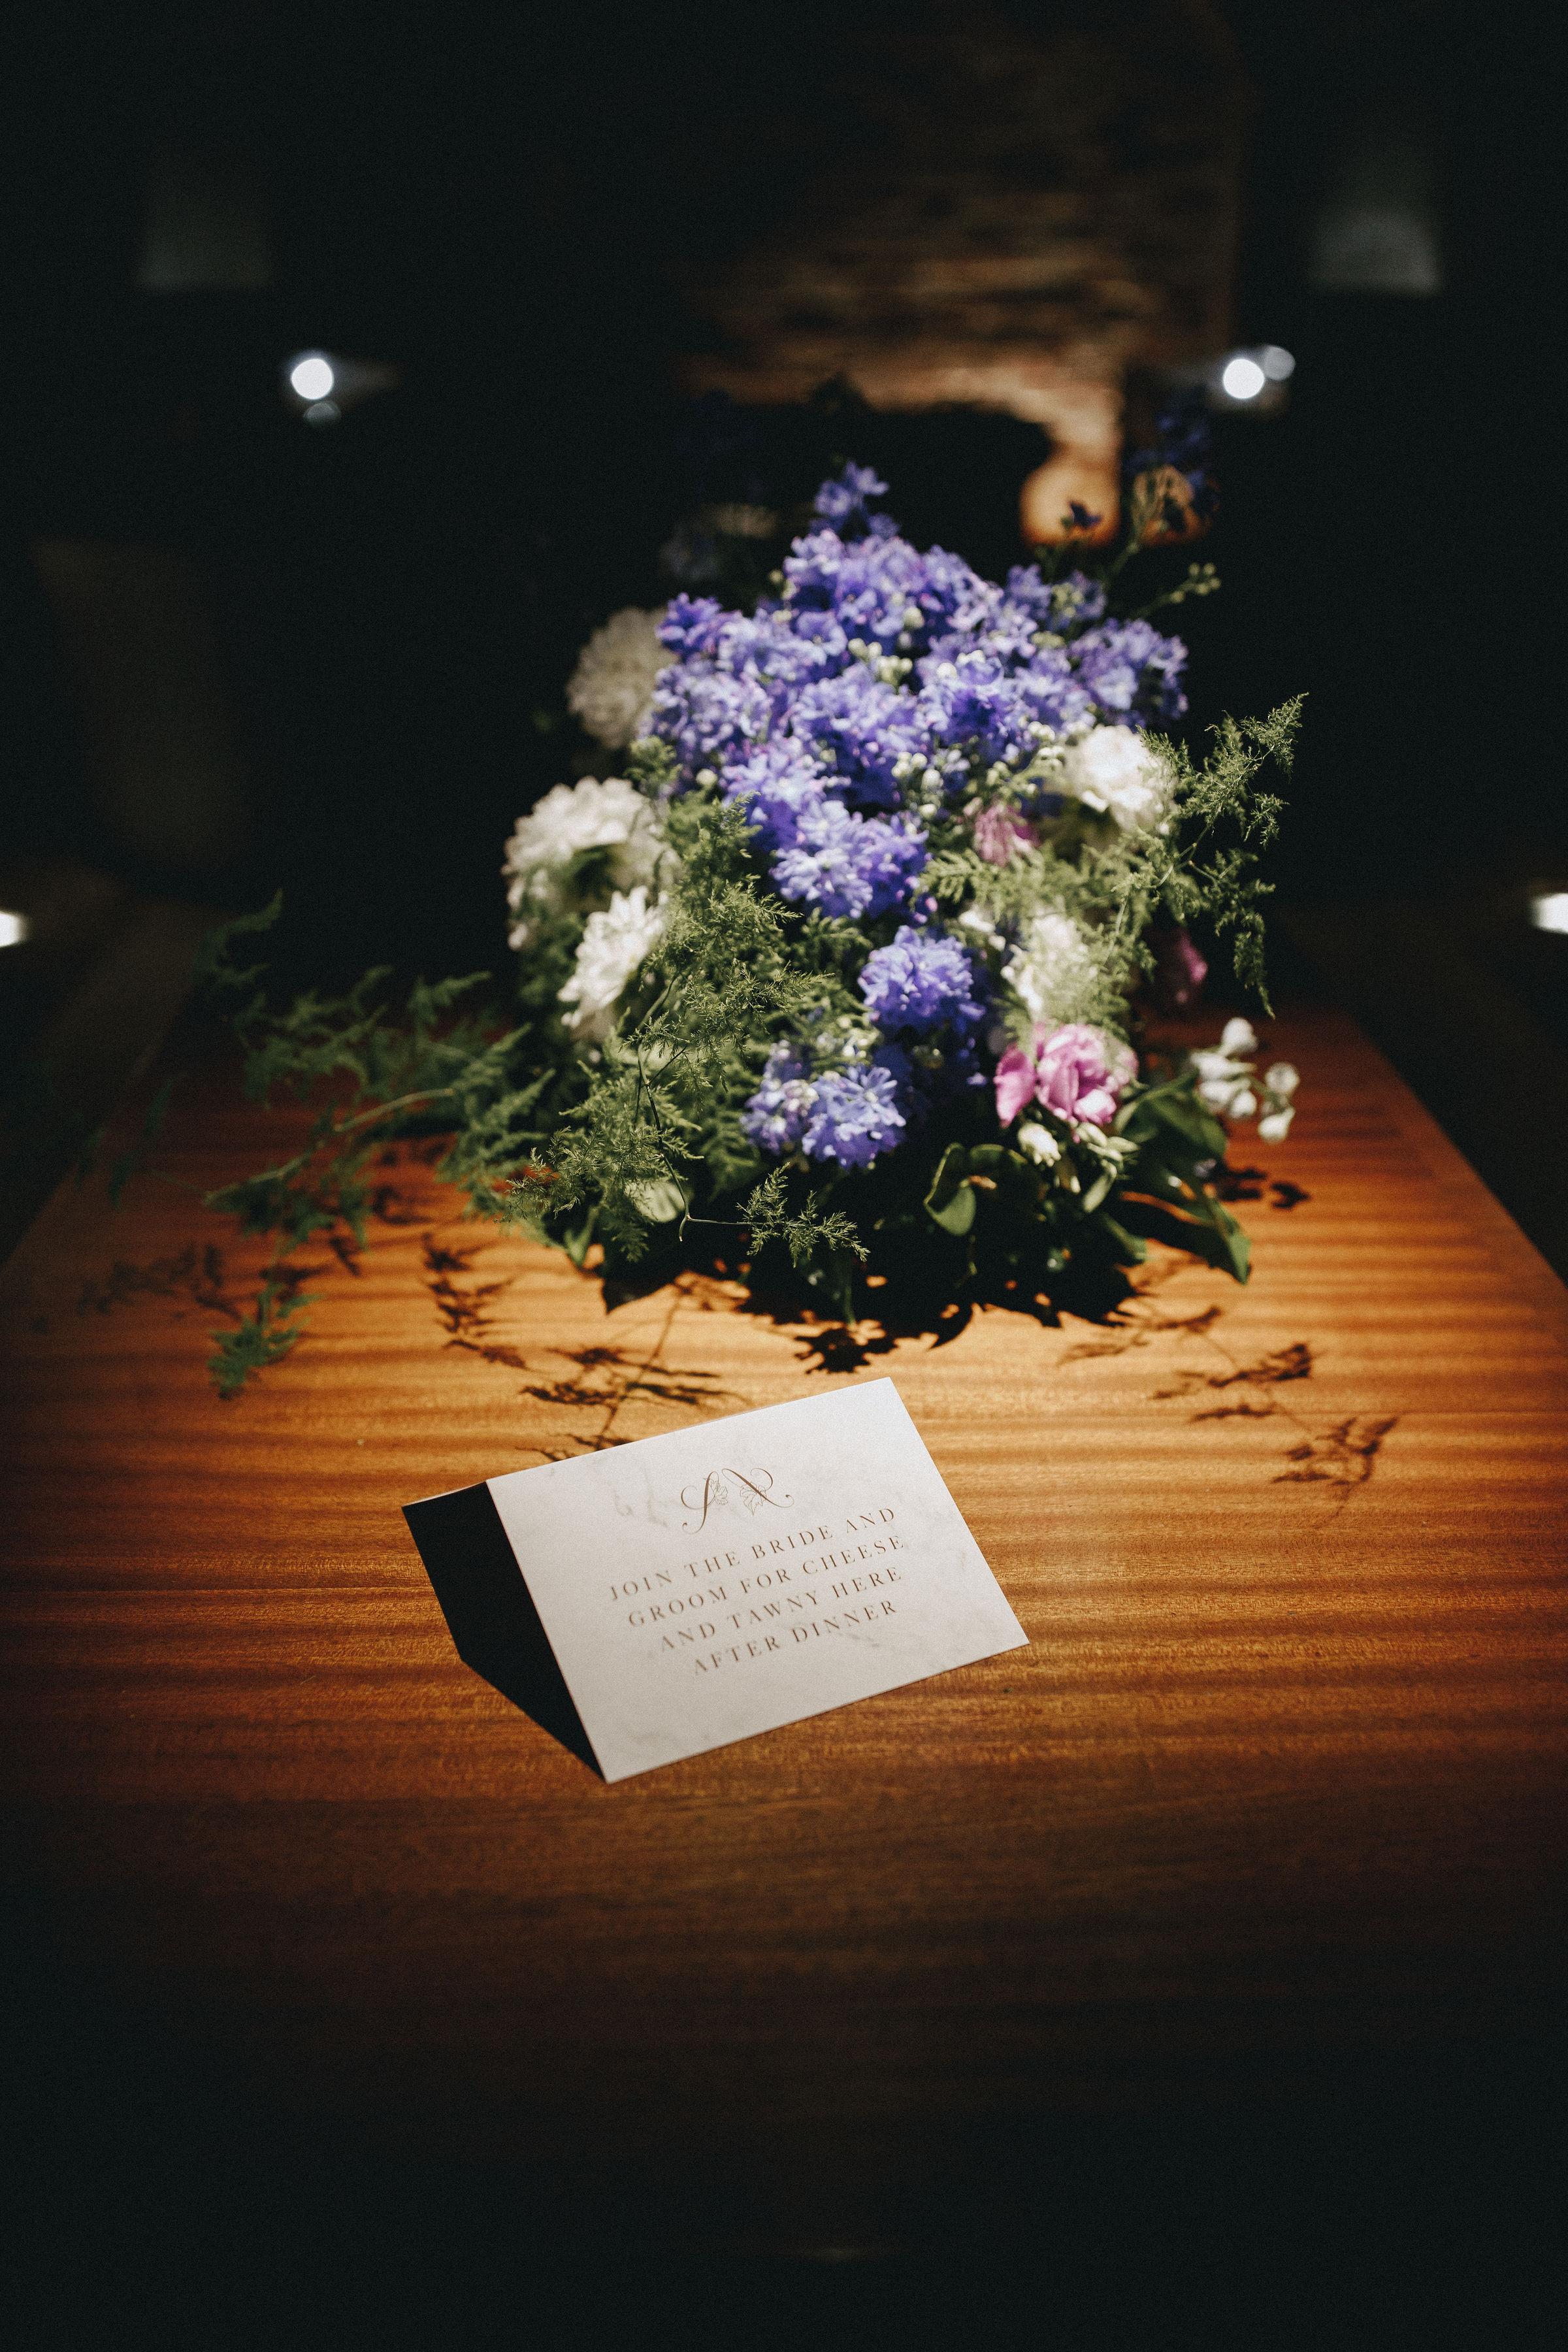 BYBHS_HYGGE_WEDDING_SEAN&SAMANTHA_HI-RES_40.jpg